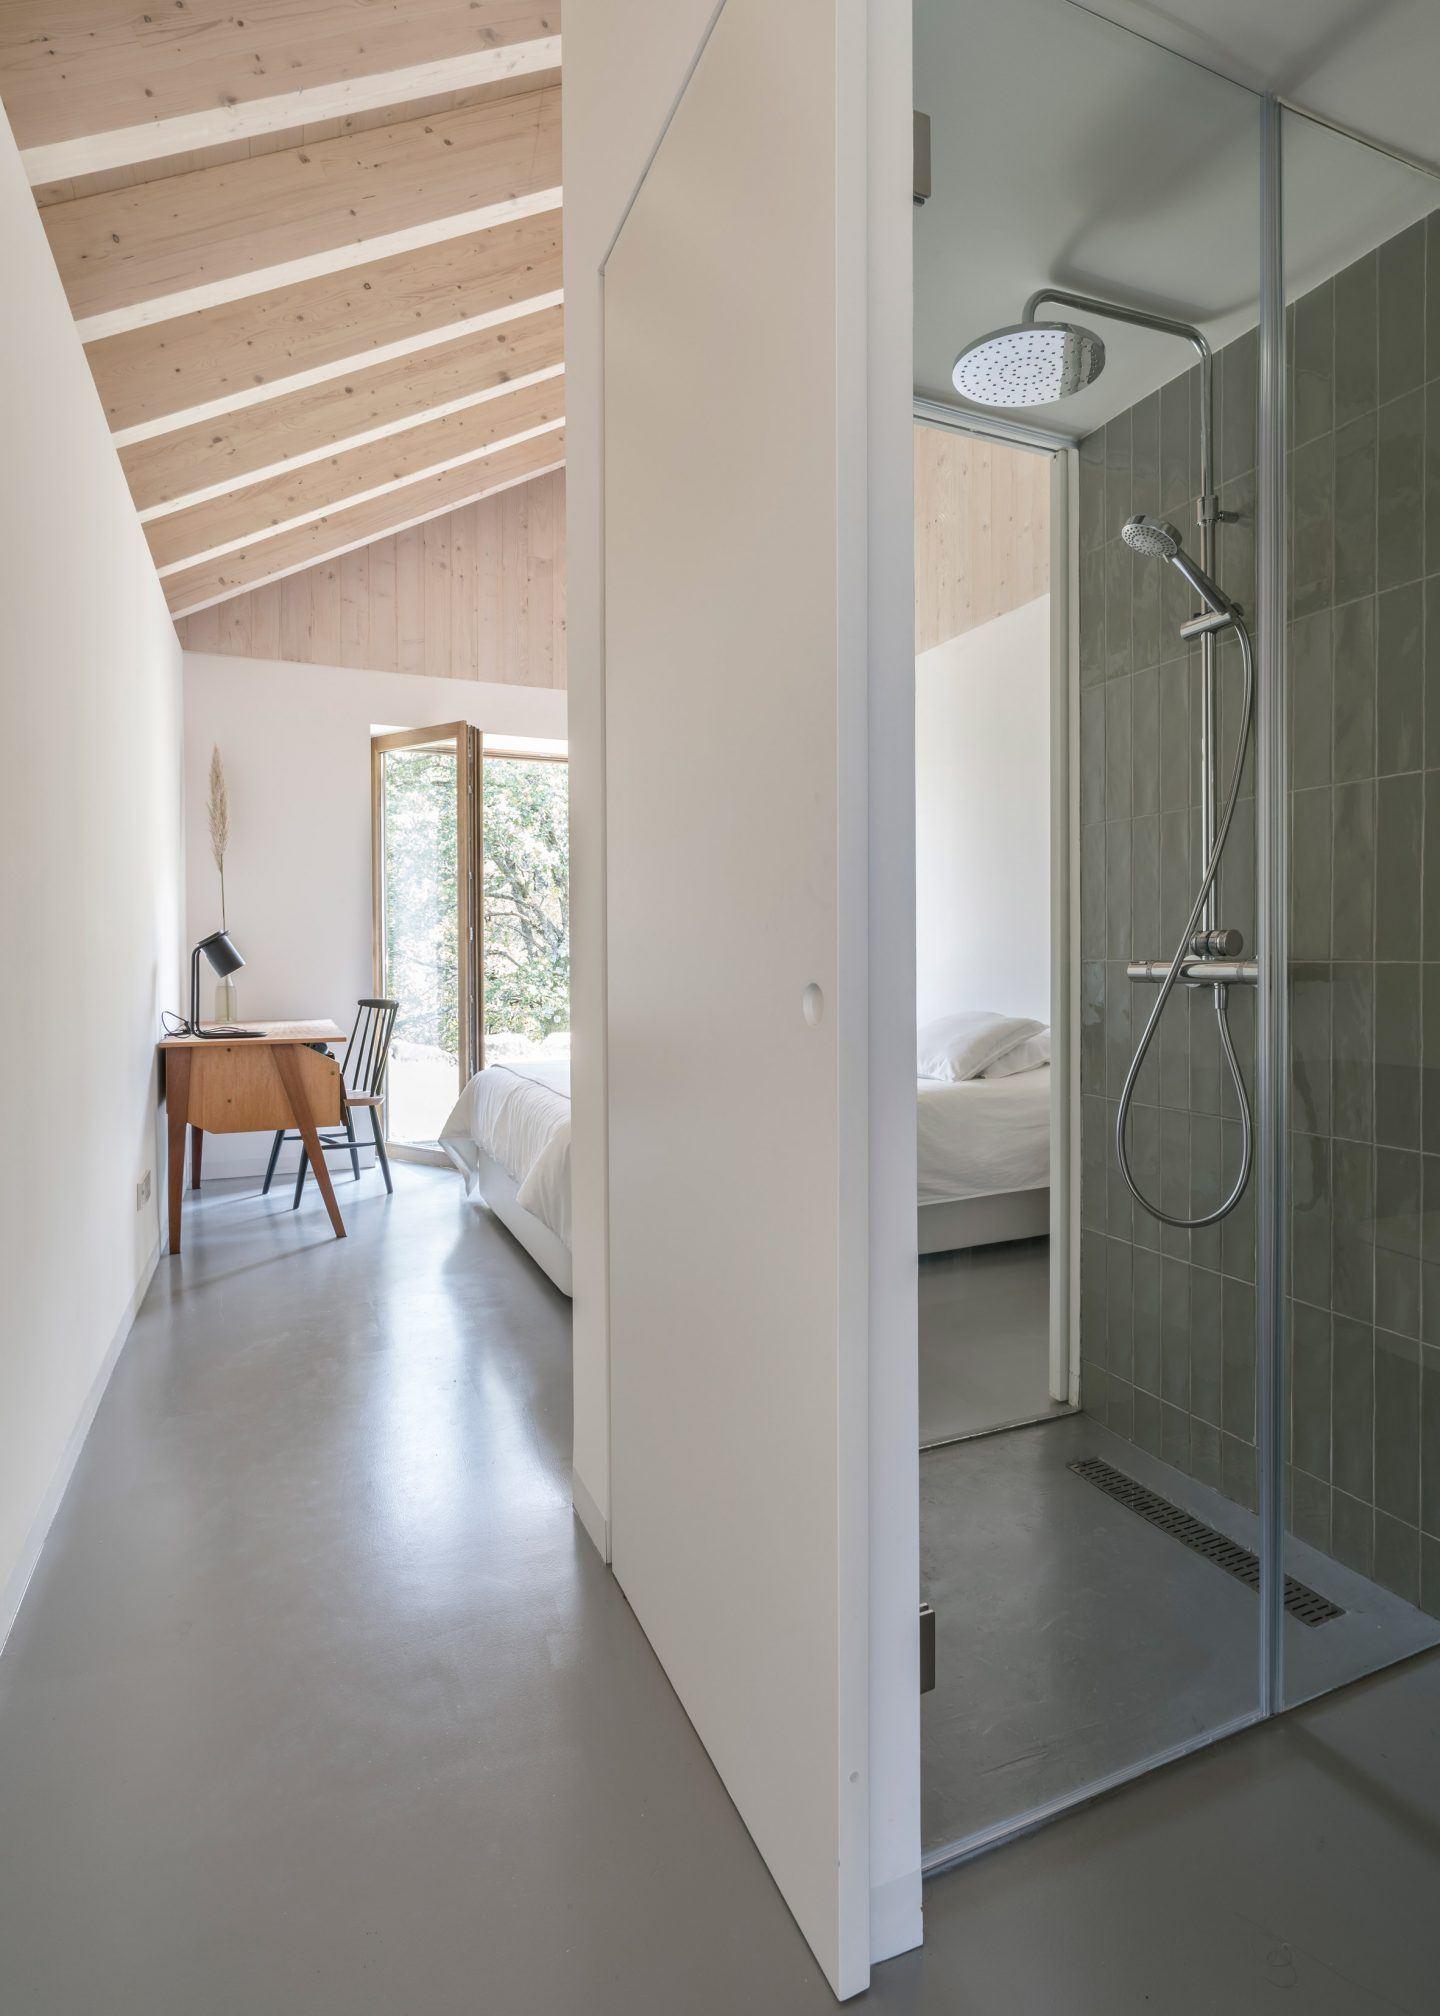 IGNANT-Architecture-Laura-Alvarez-Villa-Slow-21